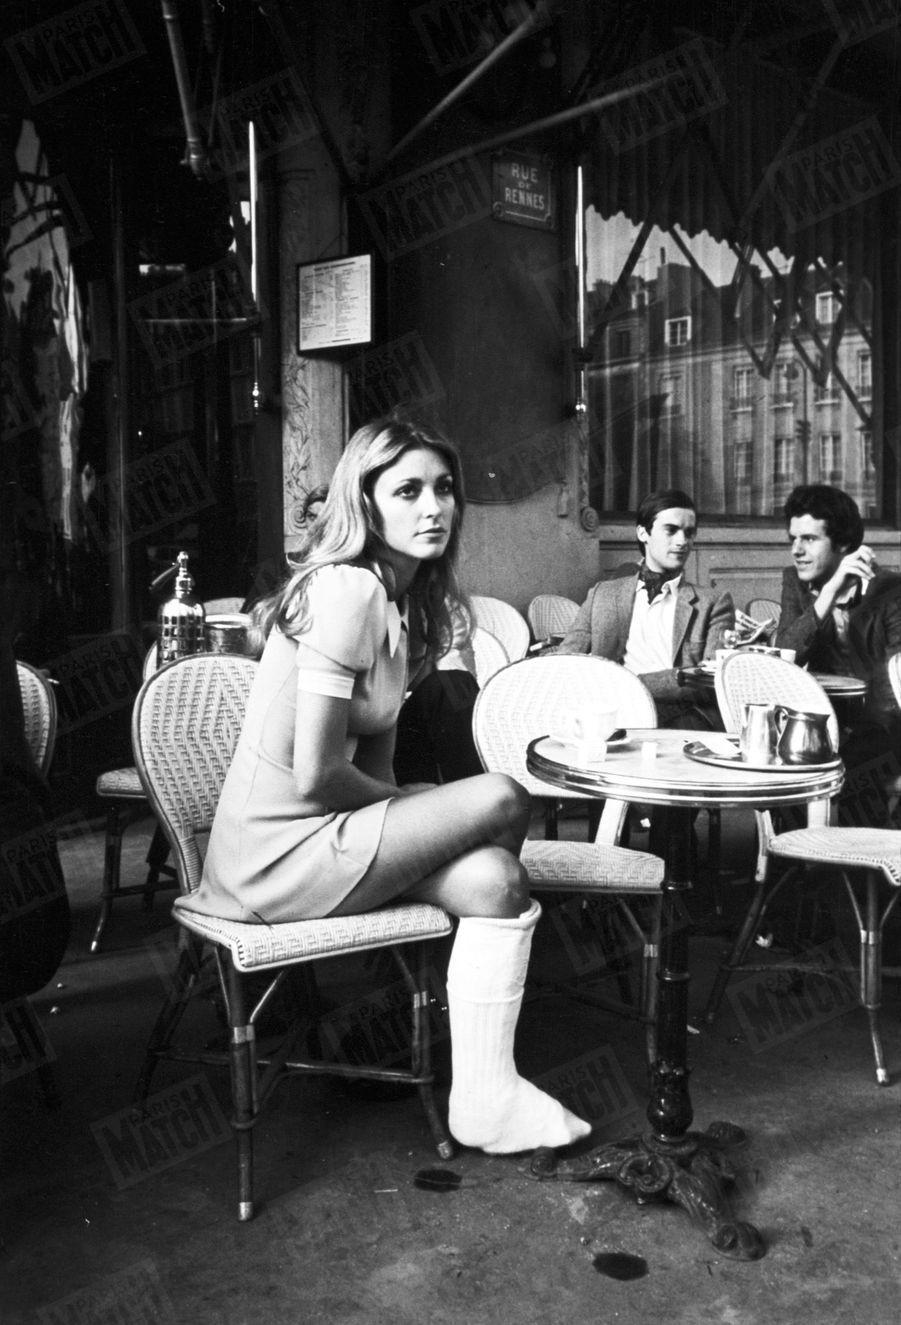 """Sharon Tate, lajambe plâtrée après une chute dans l'escalier de son hôtel, en terrasse du café """"Les deux Magots"""" àSaint-Germain-des-Prés,à Paris,en octobre 1968."""